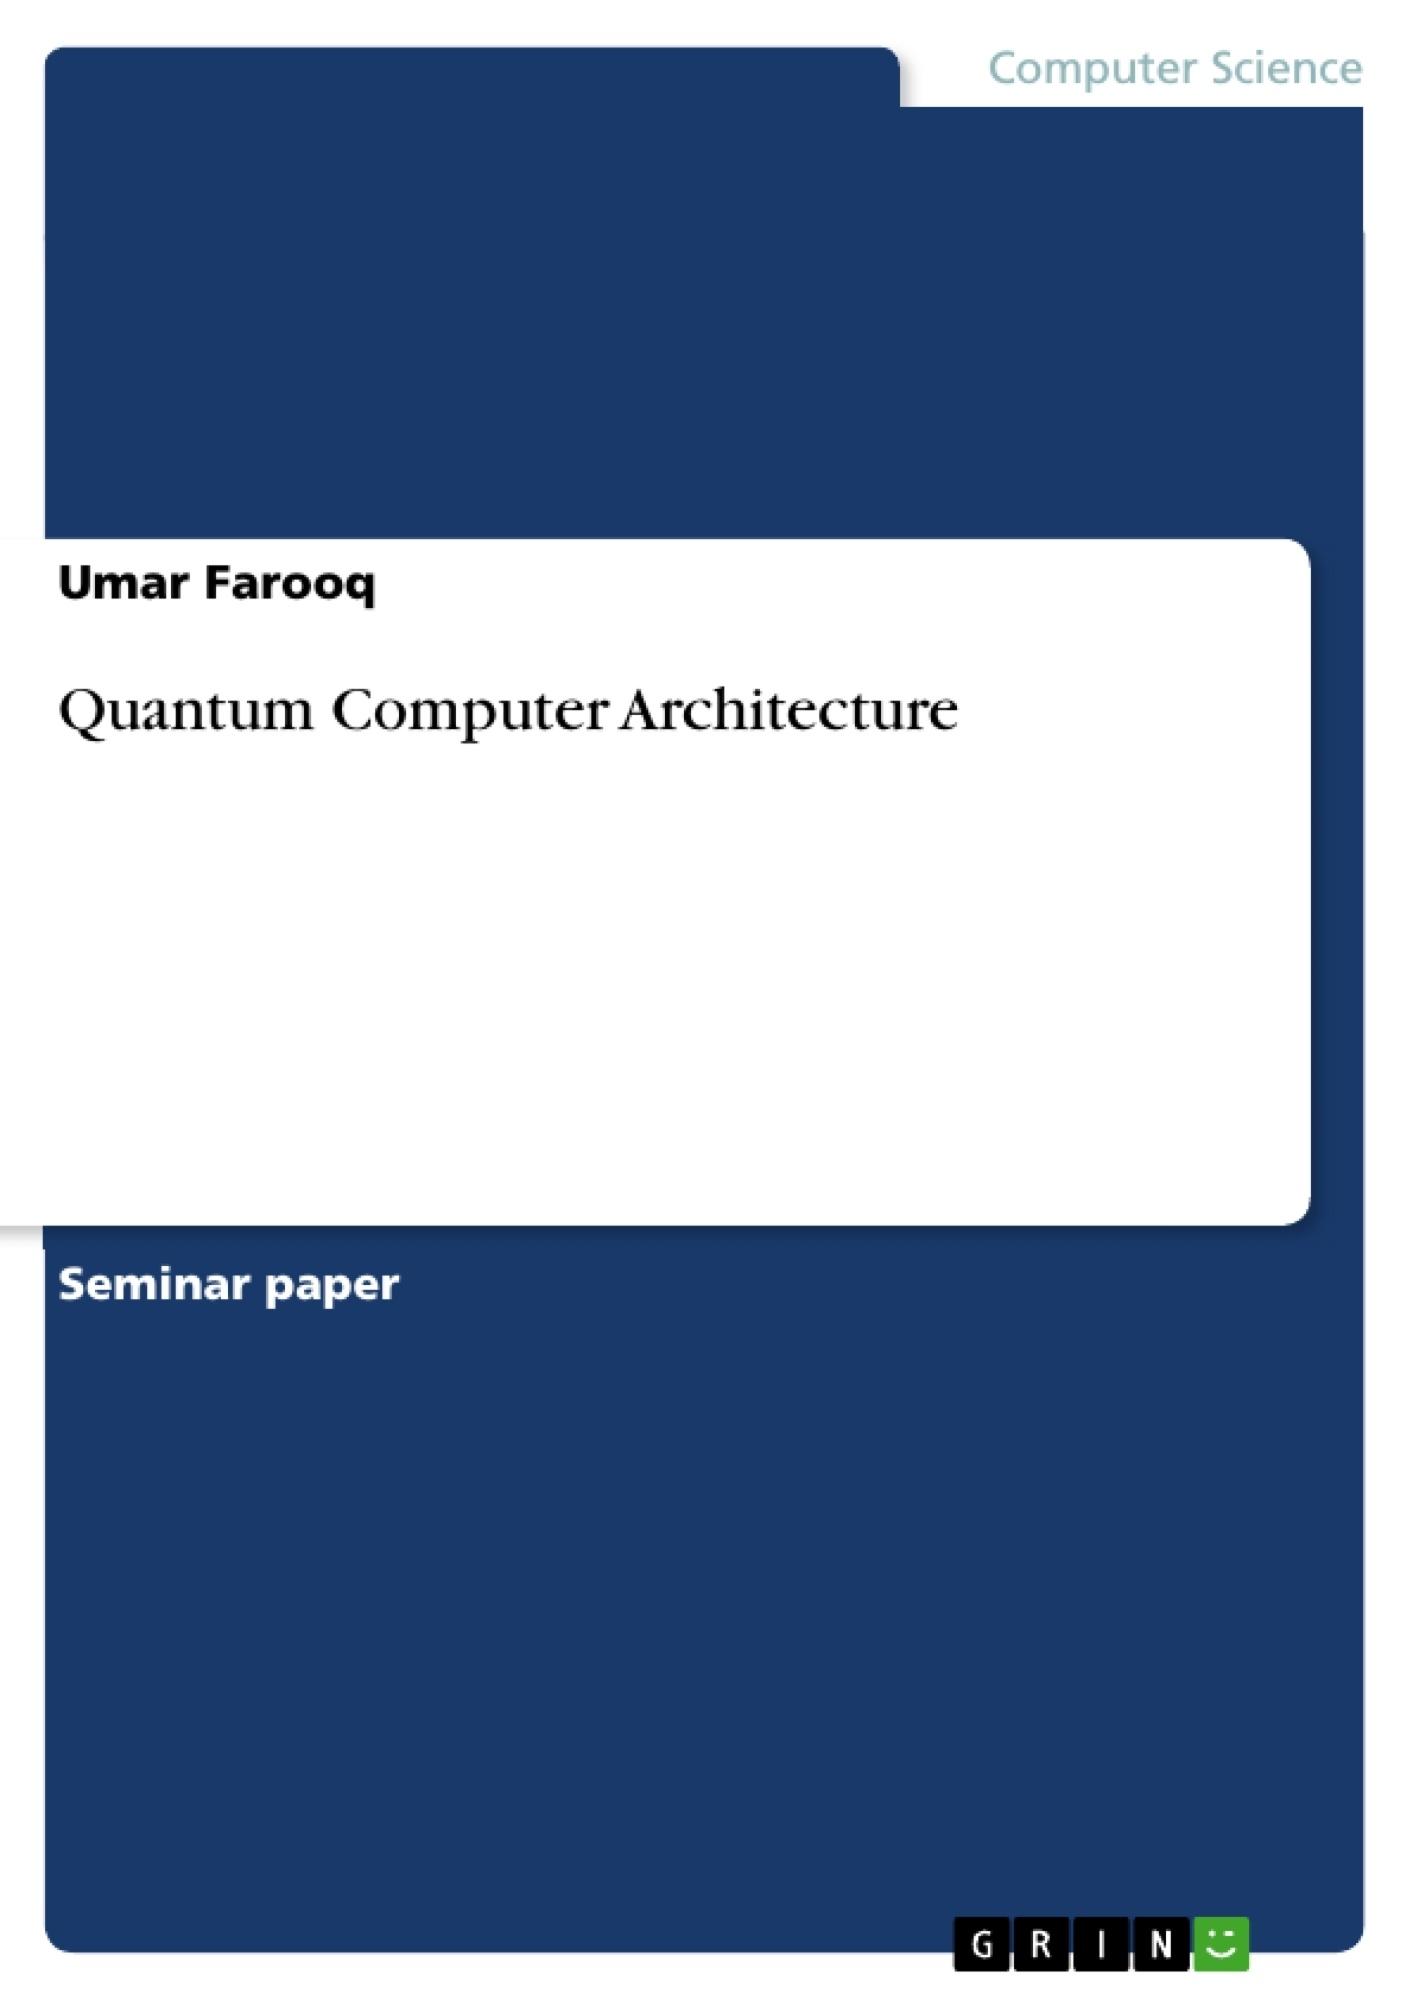 Title: Quantum Computer Architecture